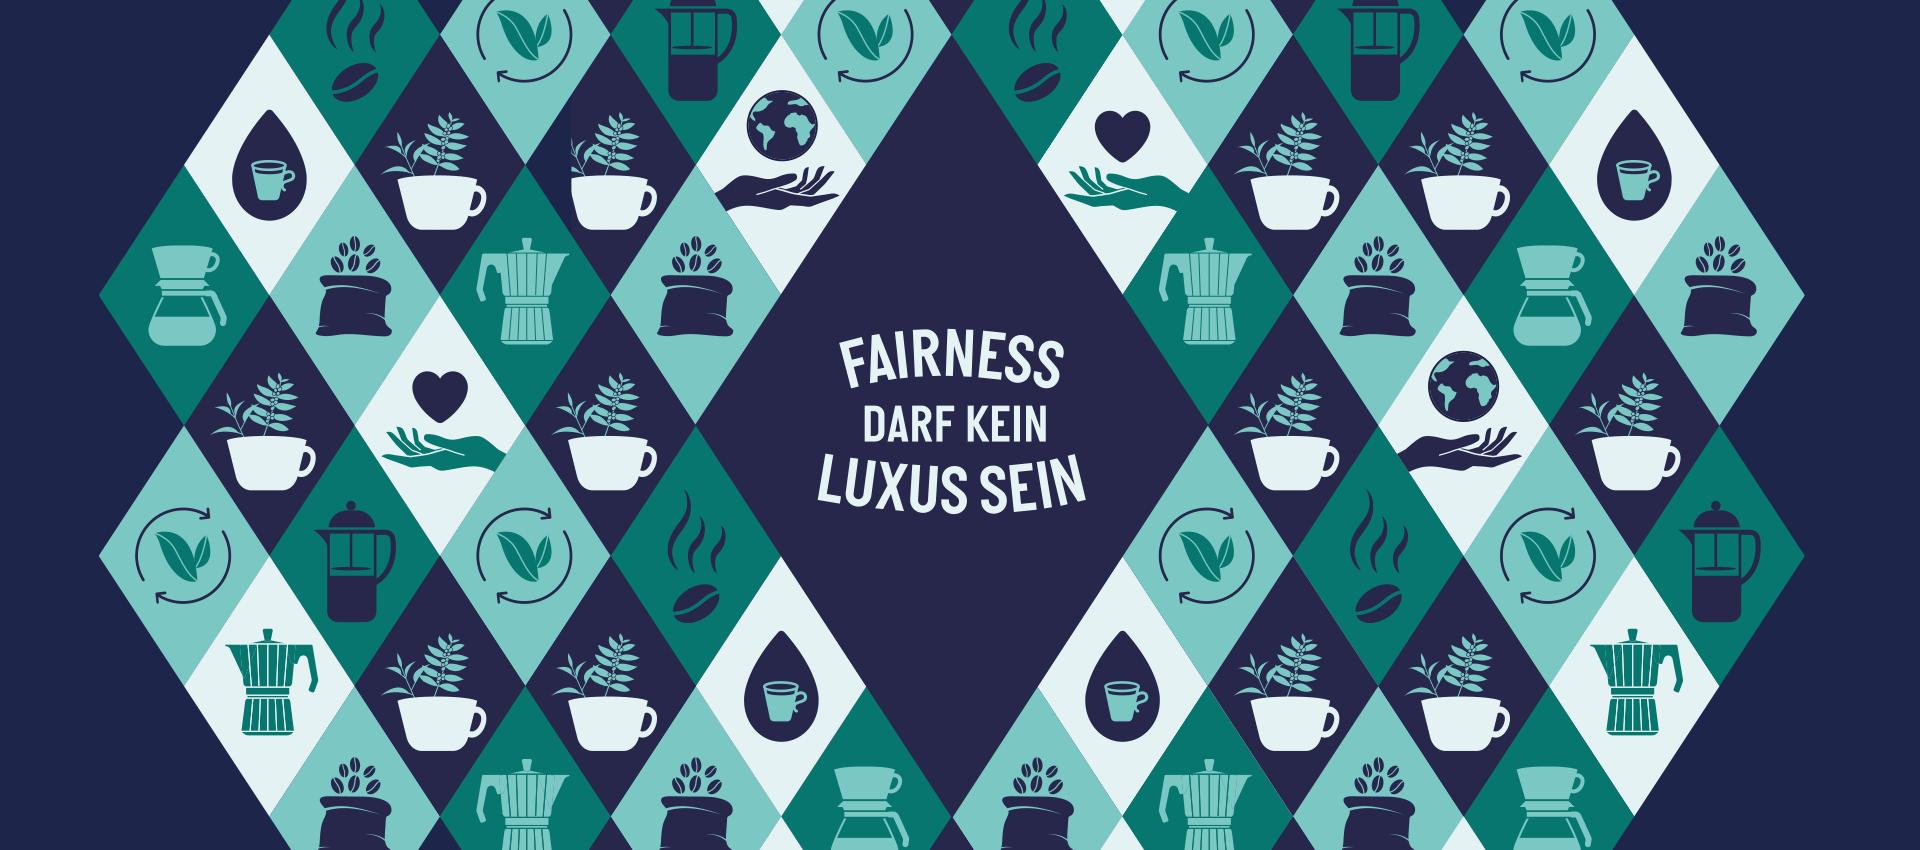 One Petition: Fairness darf kein Luxus sein